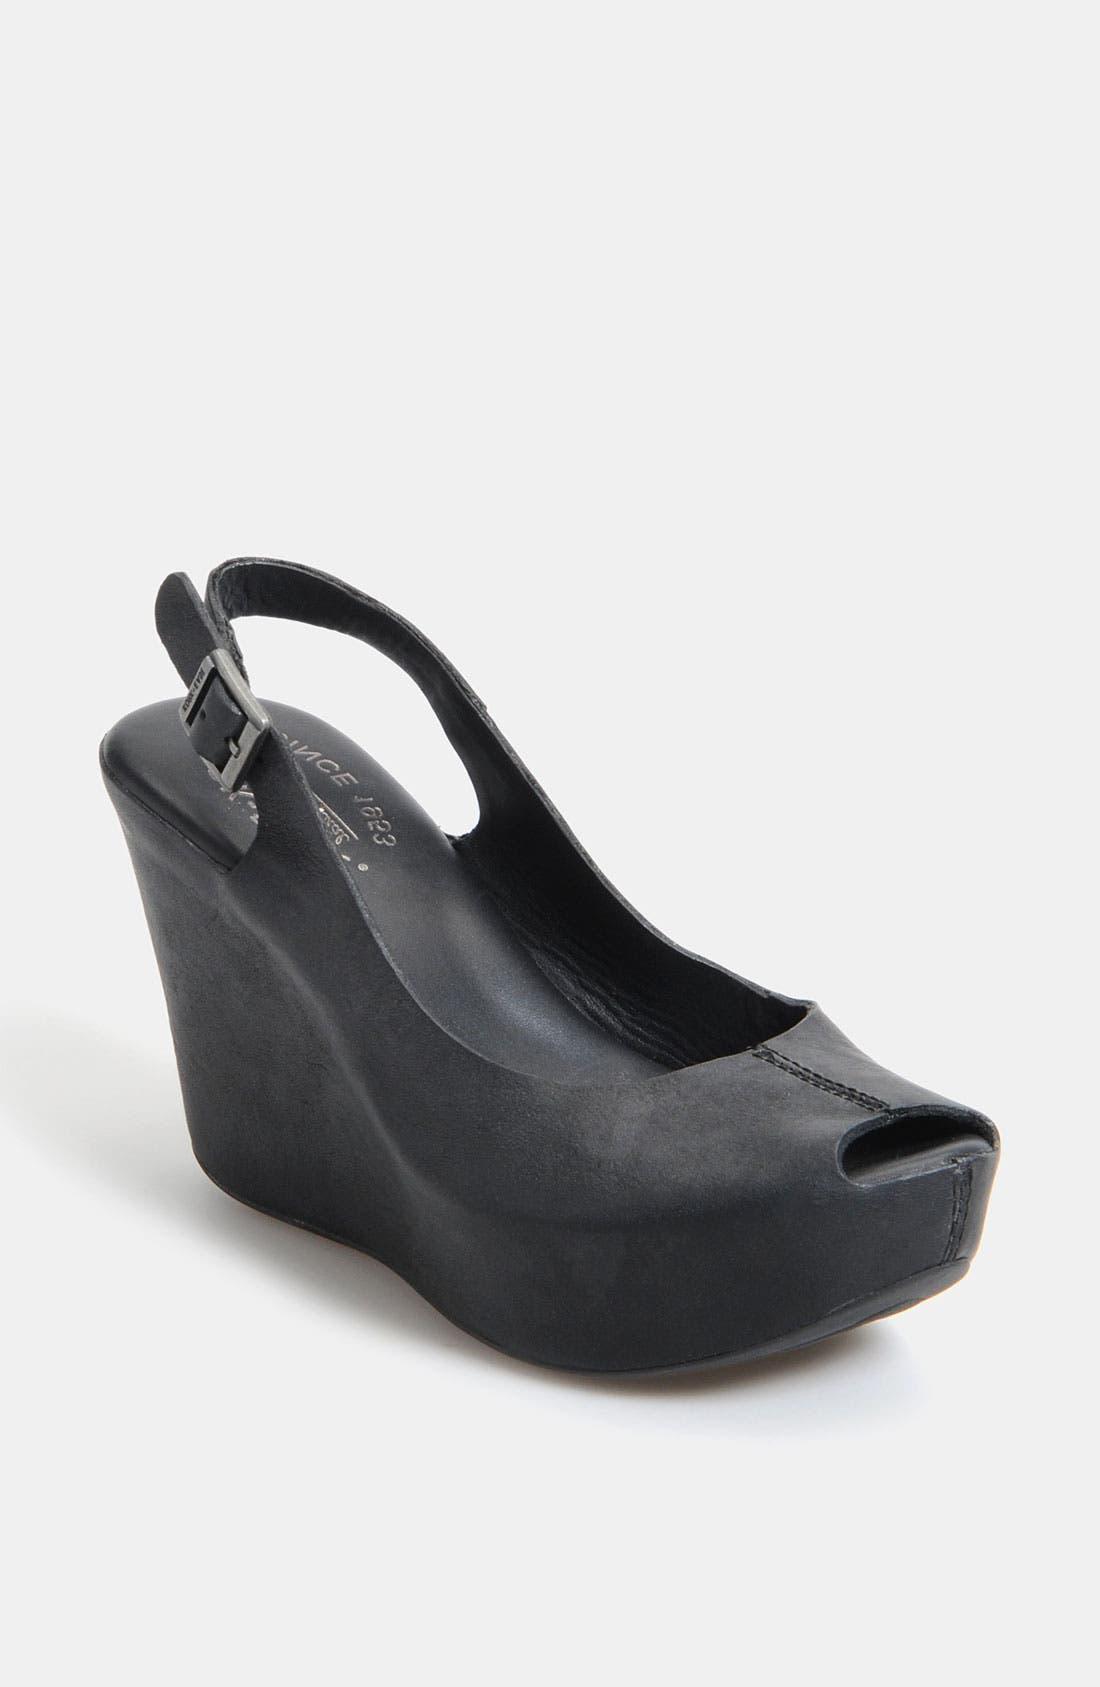 Main Image - Kork-Ease 'Sarah' Sandal